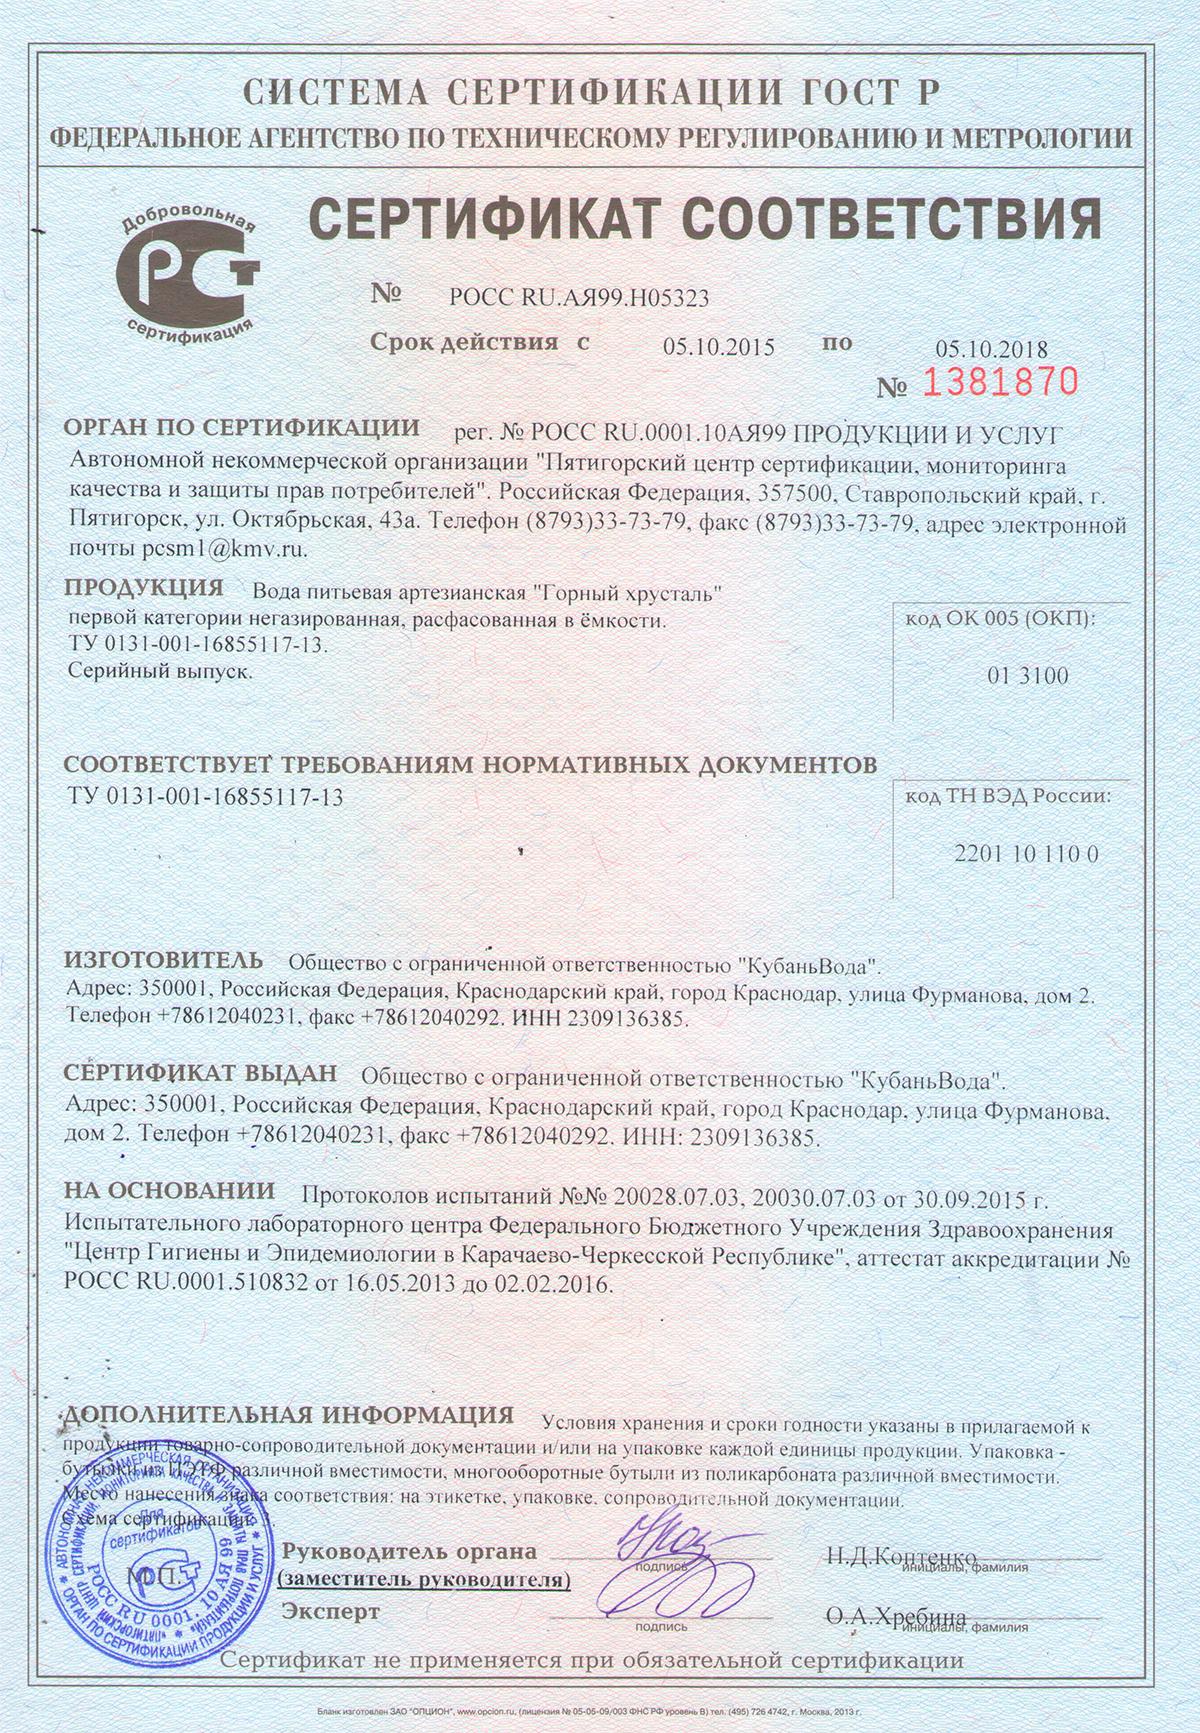 схема для сертификации детской воды